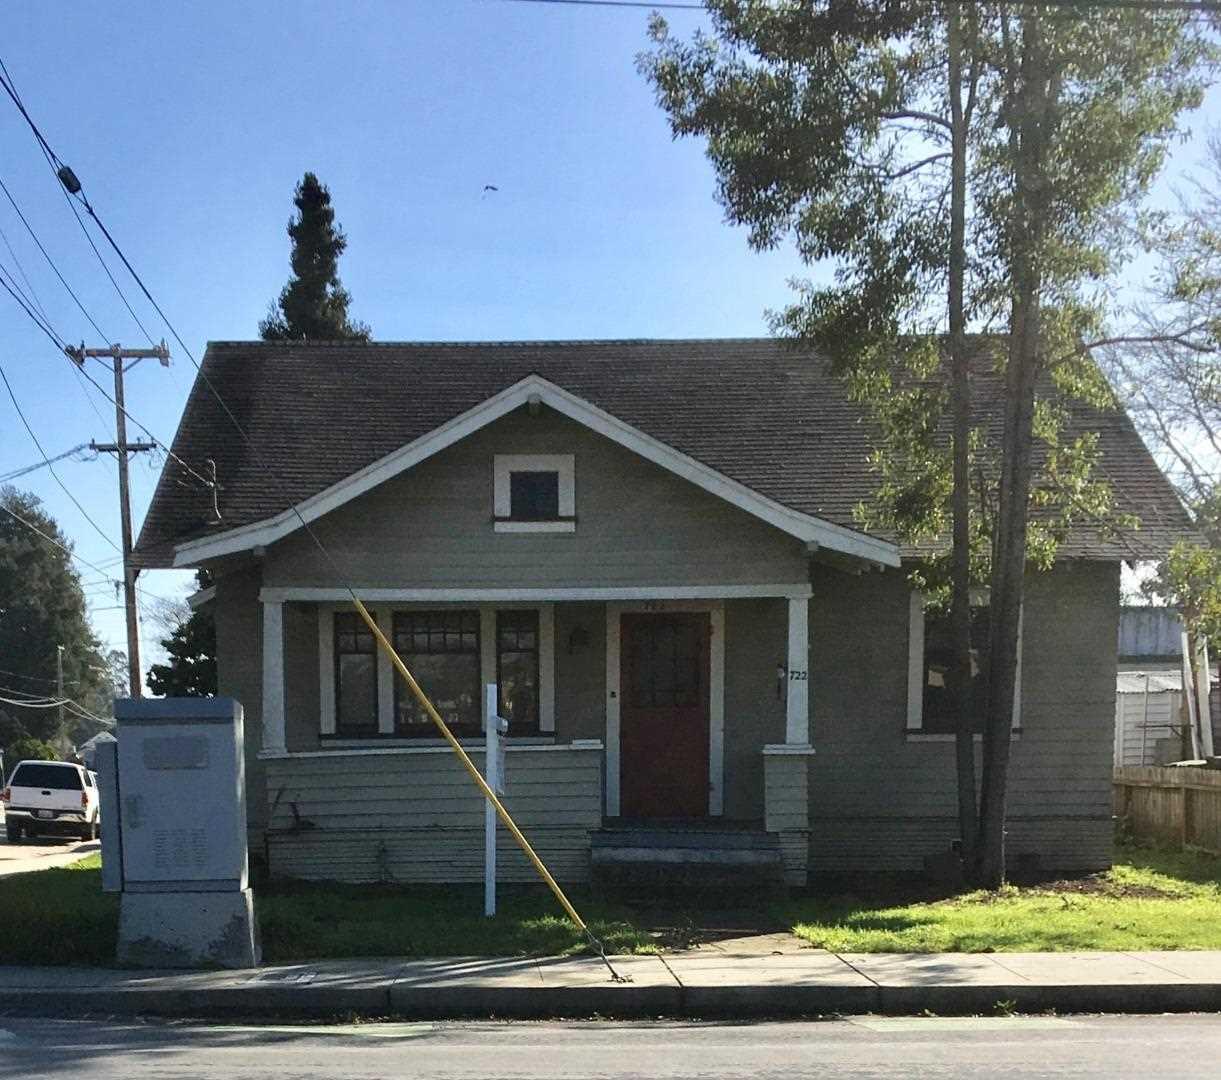 722 Broadway,SANTA CRUZ,CA,homes for sale in SANTA CRUZ Photo 1